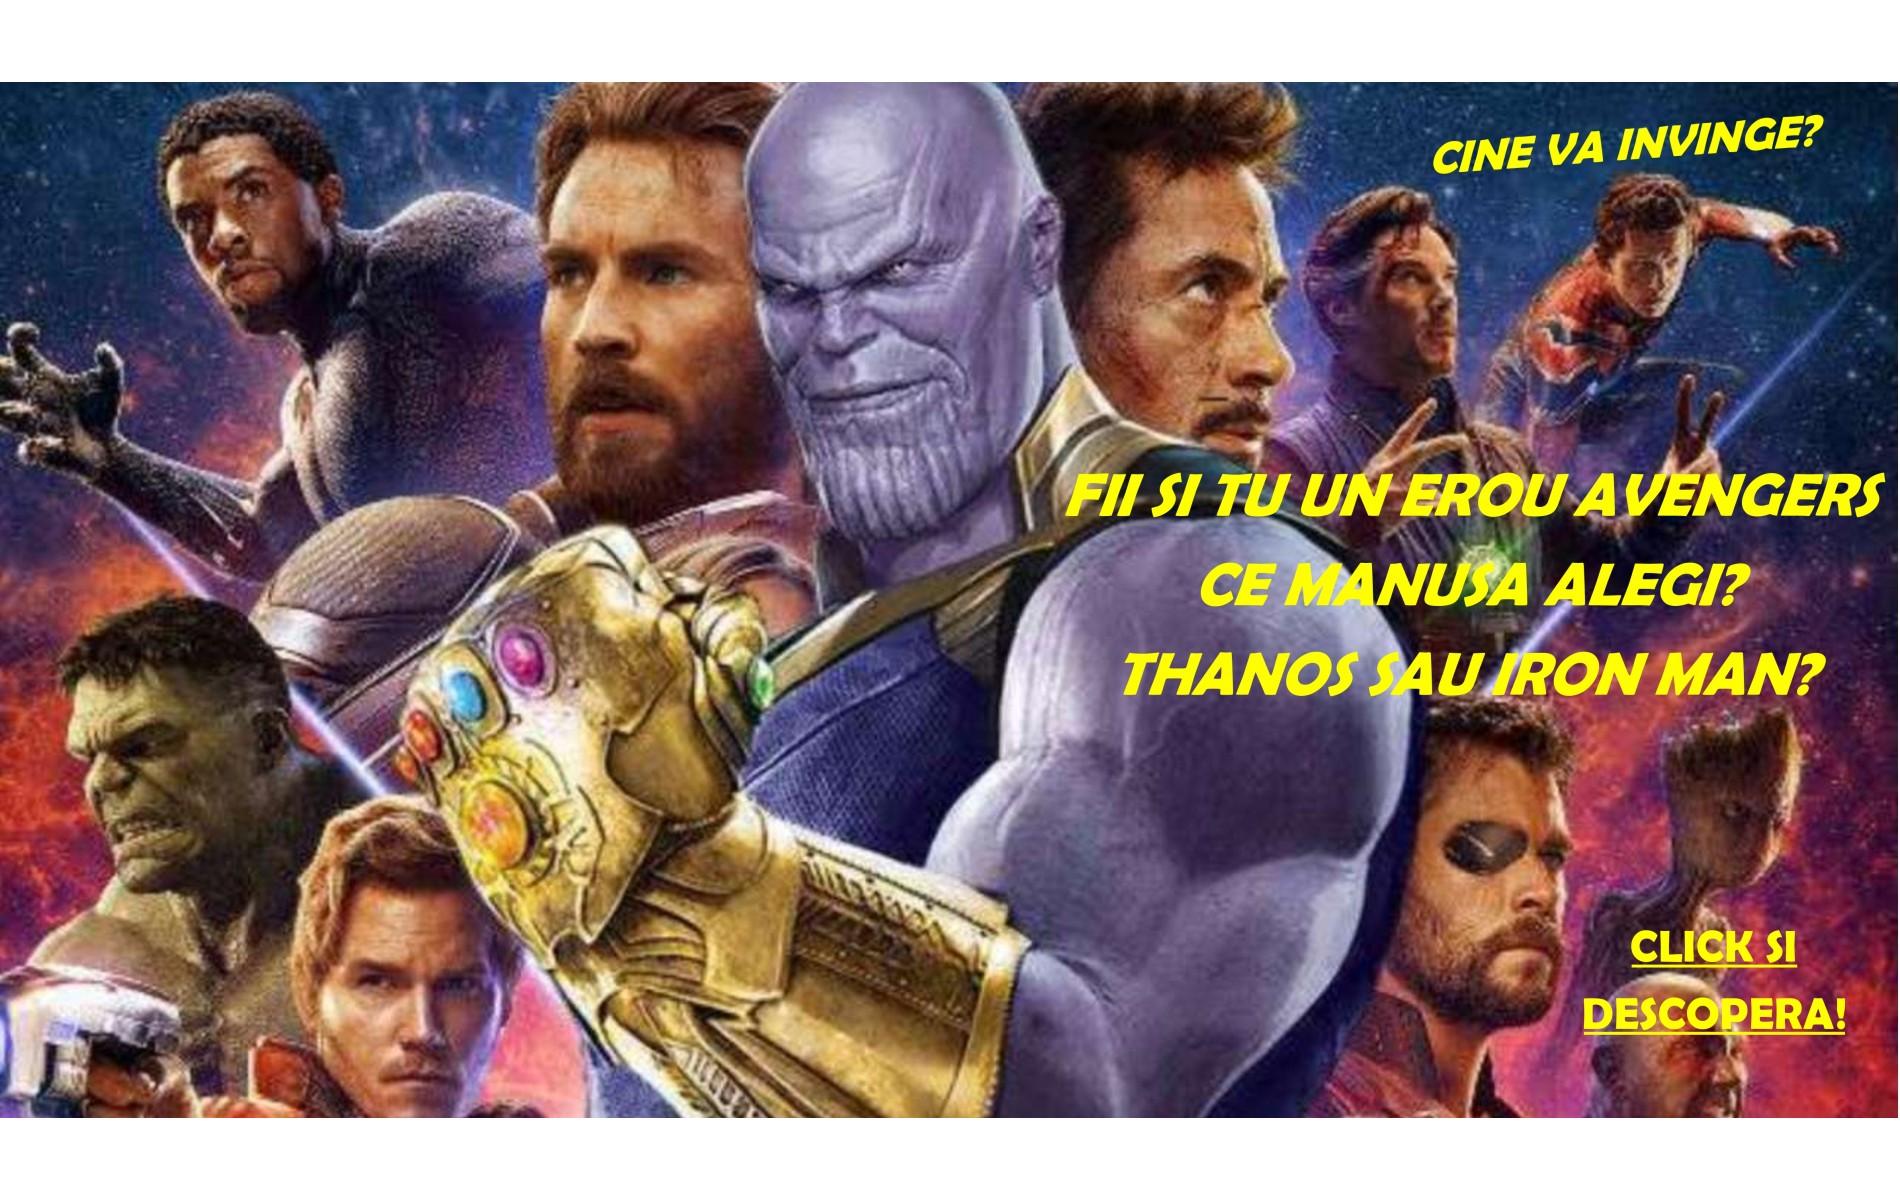 Reclama manusi Avengers